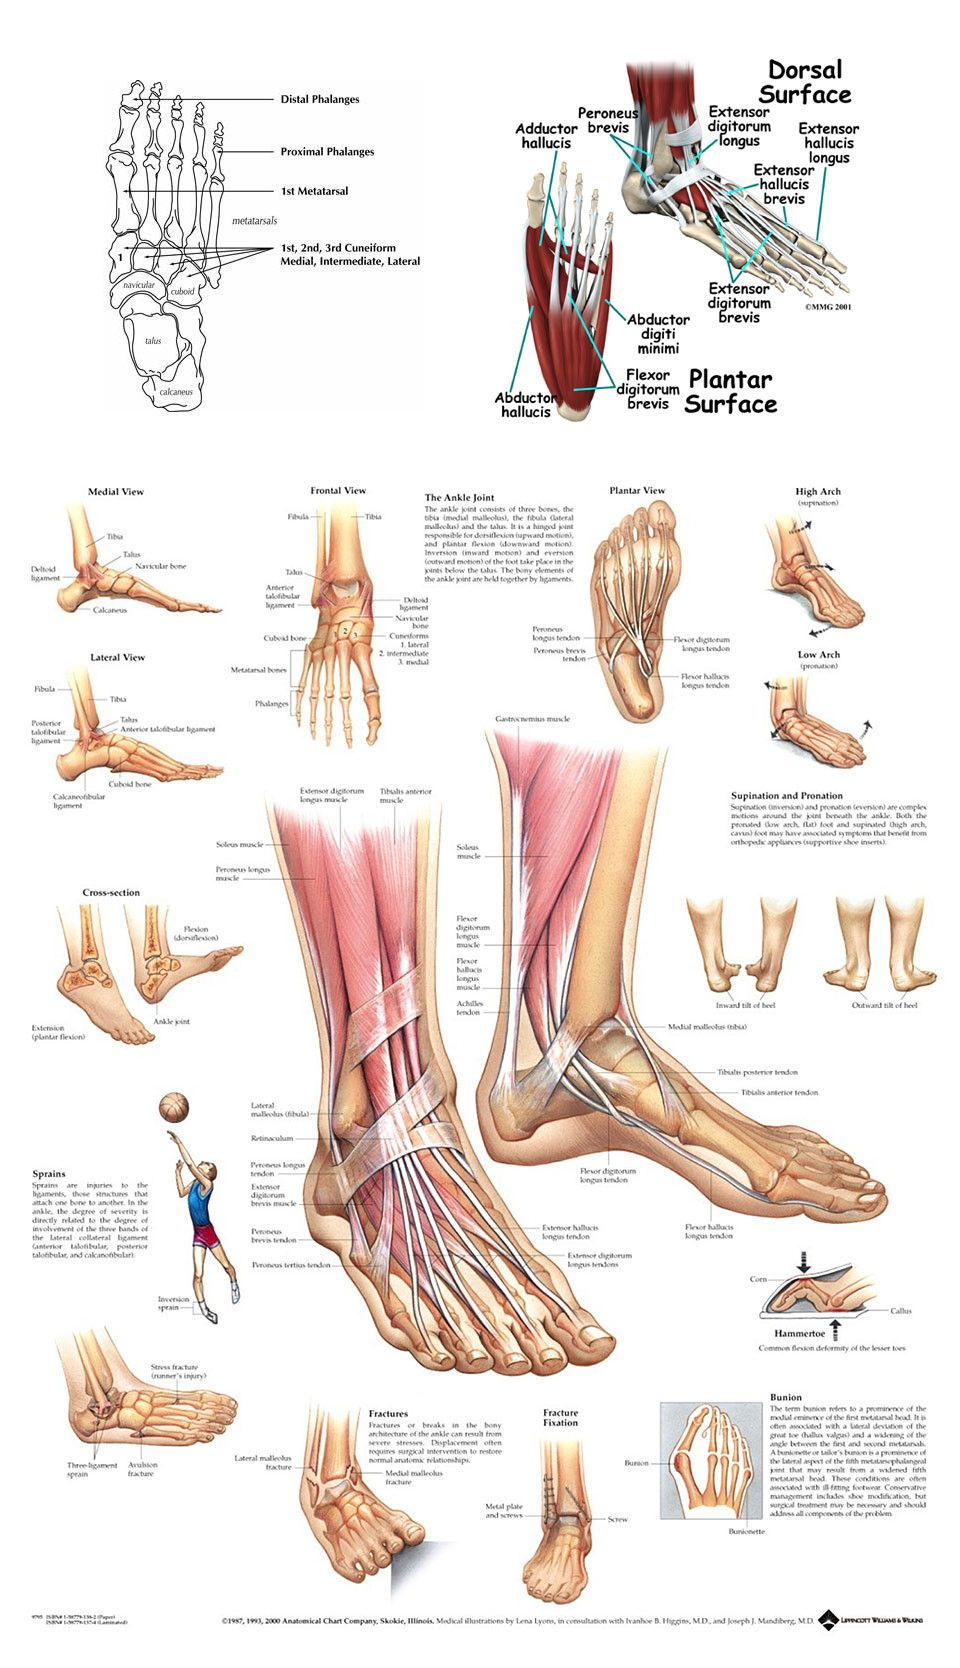 medical diagram of foot wiring diagram blog medical diagram of foot [ 960 x 1668 Pixel ]